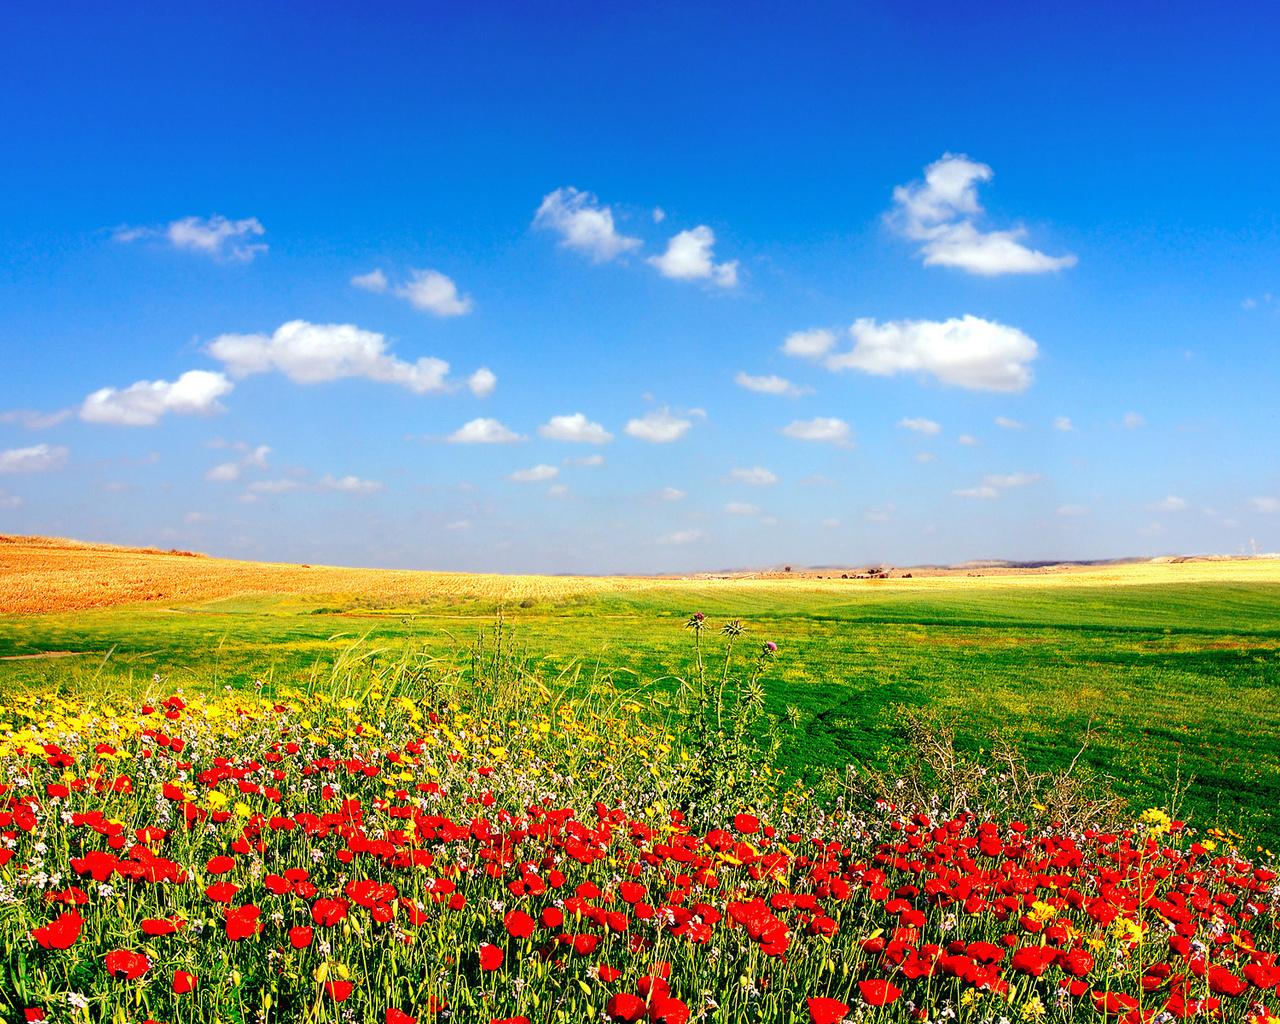 Скачать картинку Растения, Небо, Цветы, Пейзаж в телефон бесплатно.